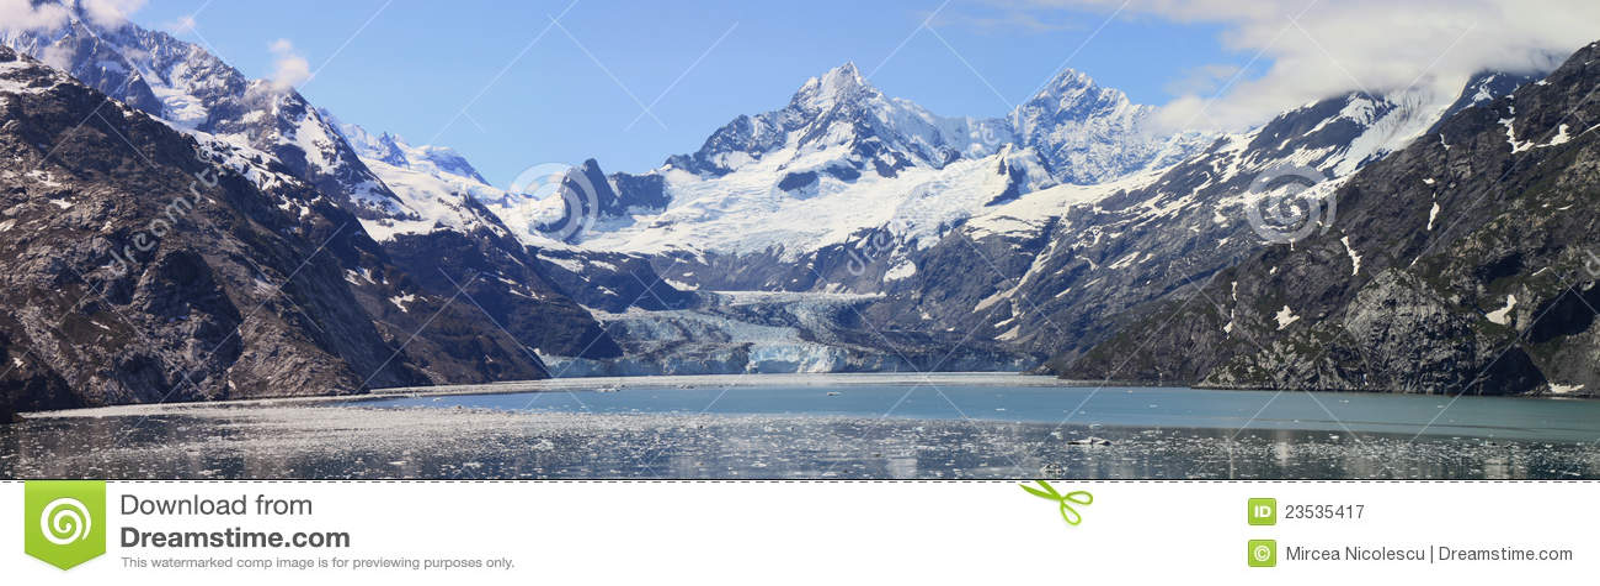 Panorama de la bahía de glaciar